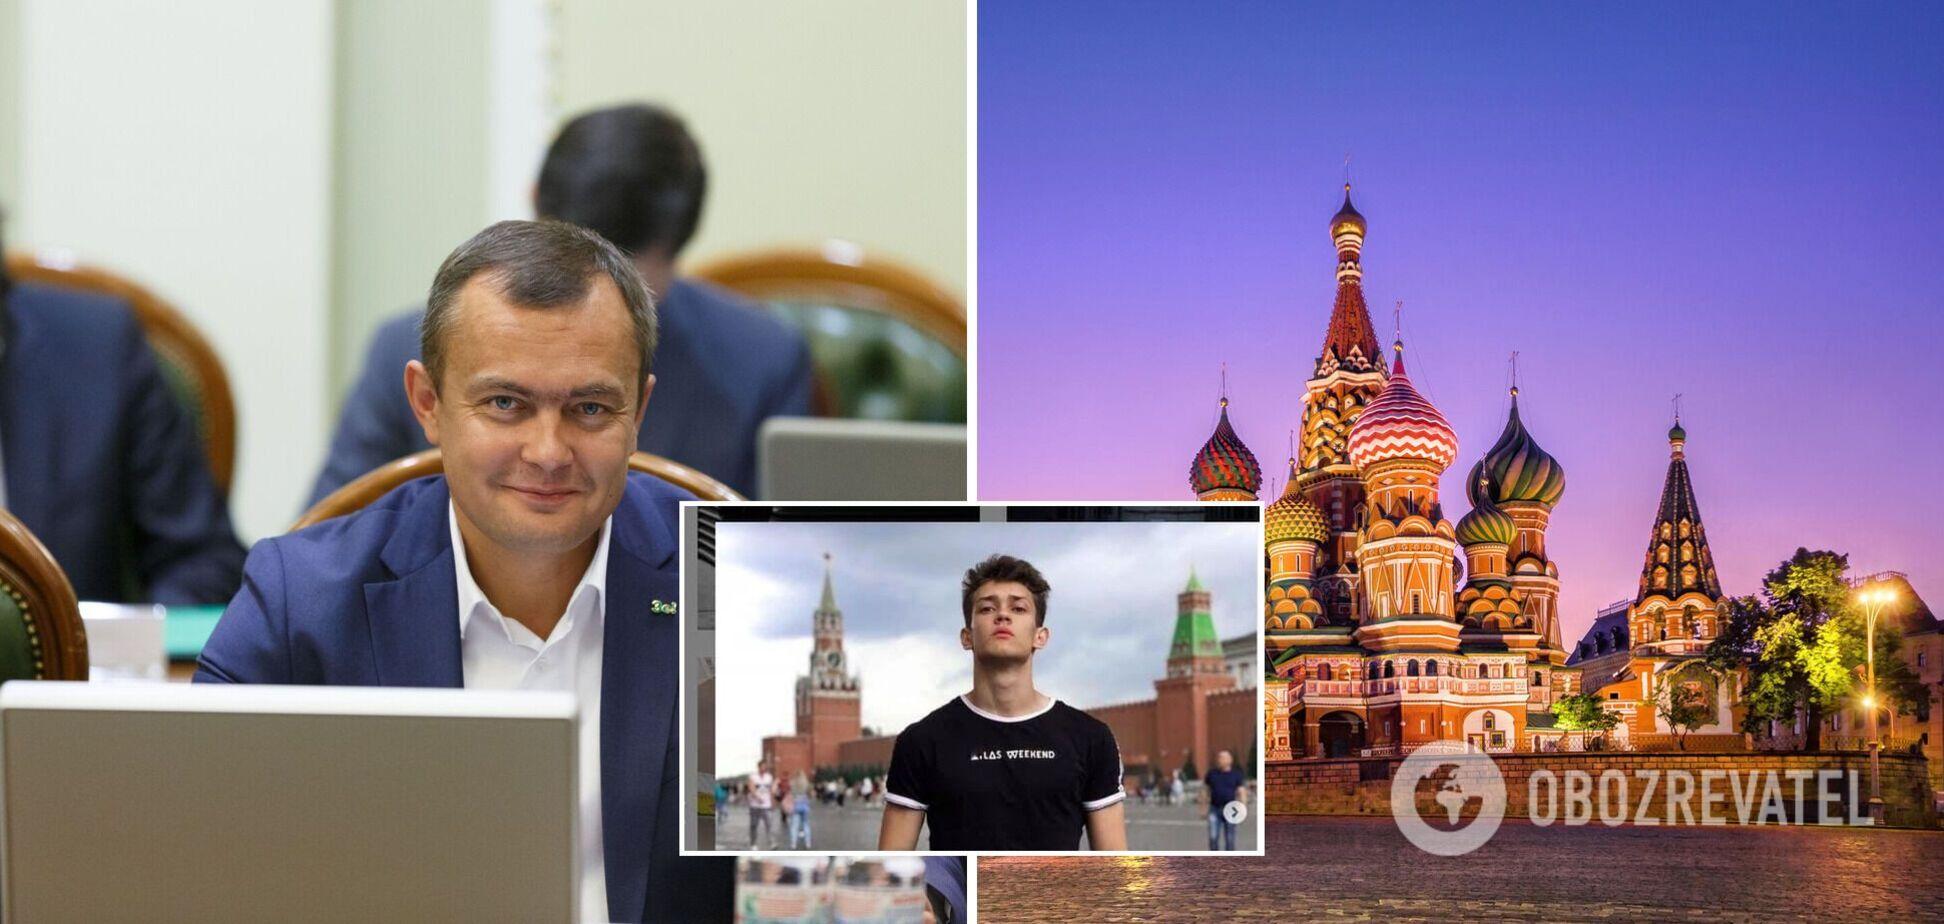 Син Юрія Арістова публікує фотографії на тлі Кремля